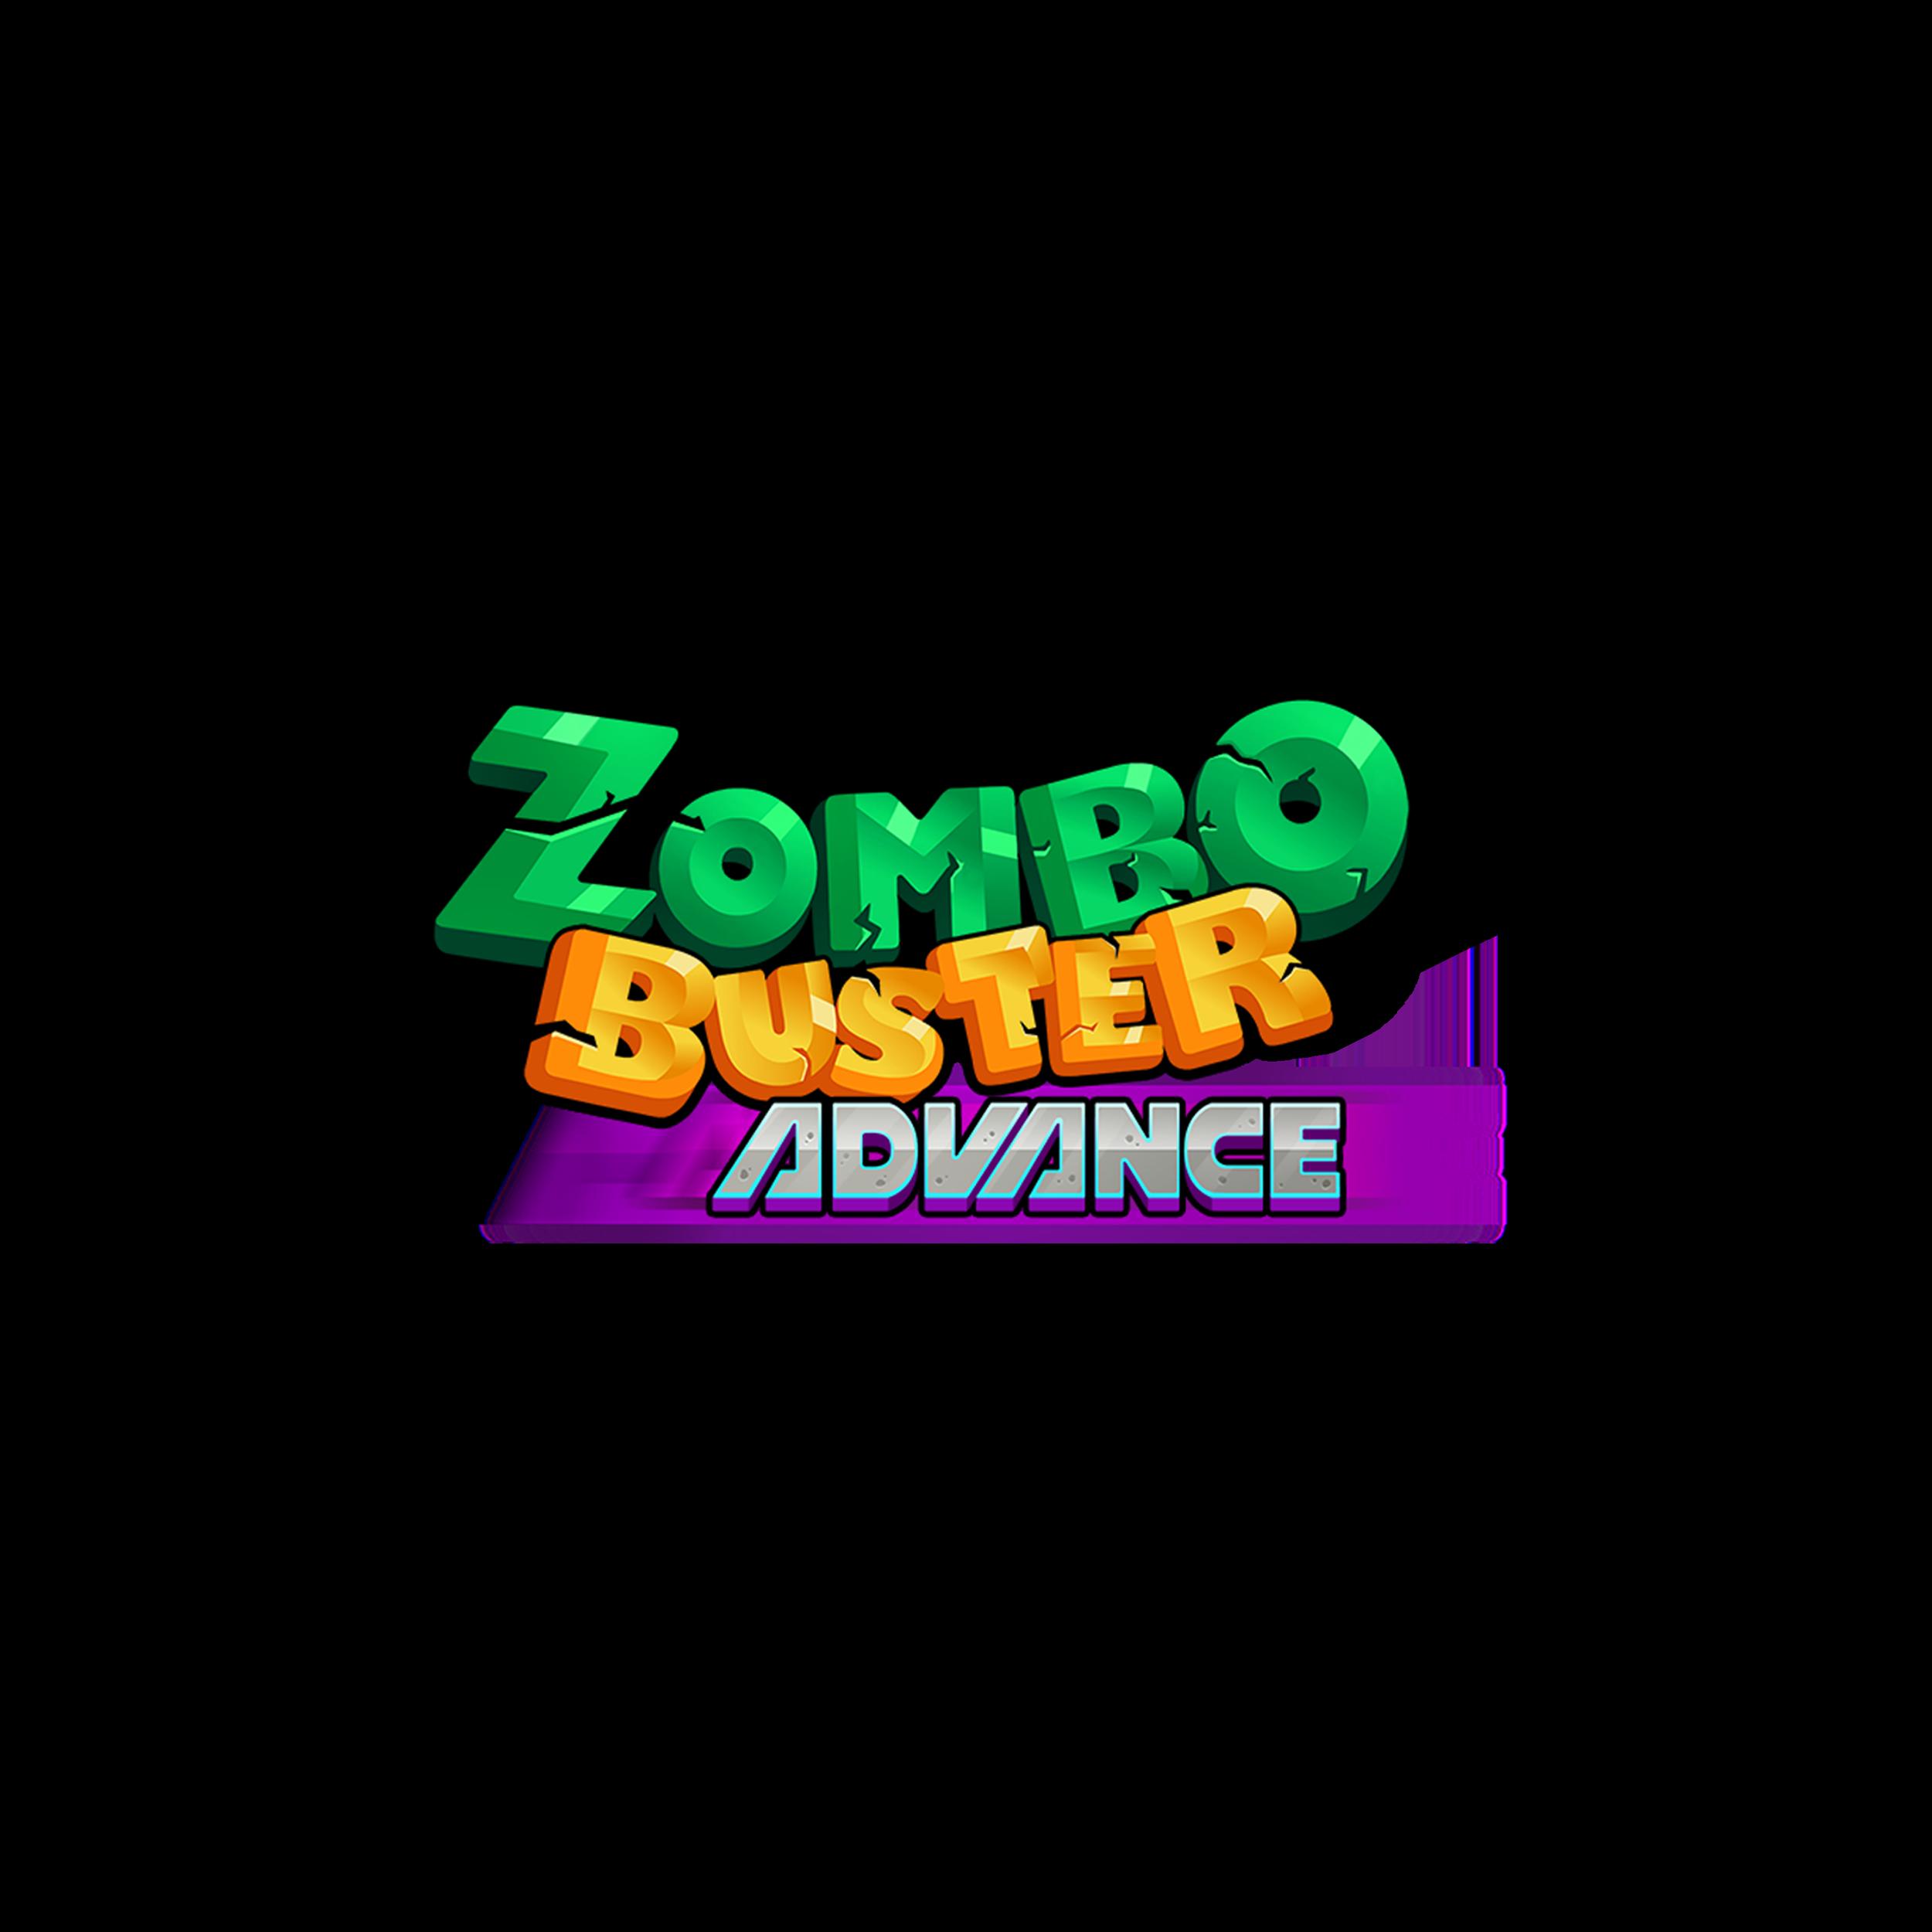 Zombo Buster Advance logo